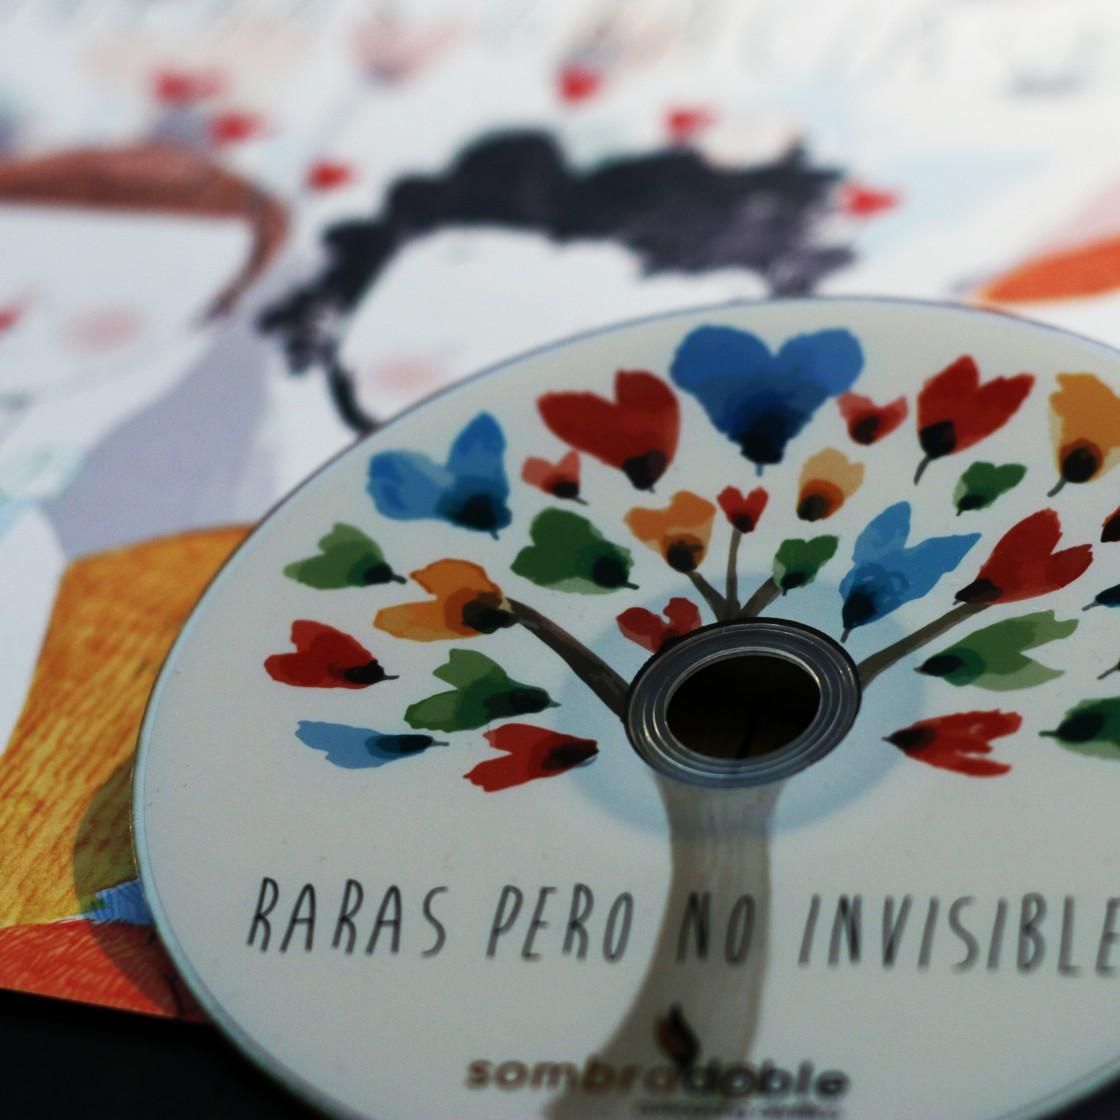 Raras pero no invisibles